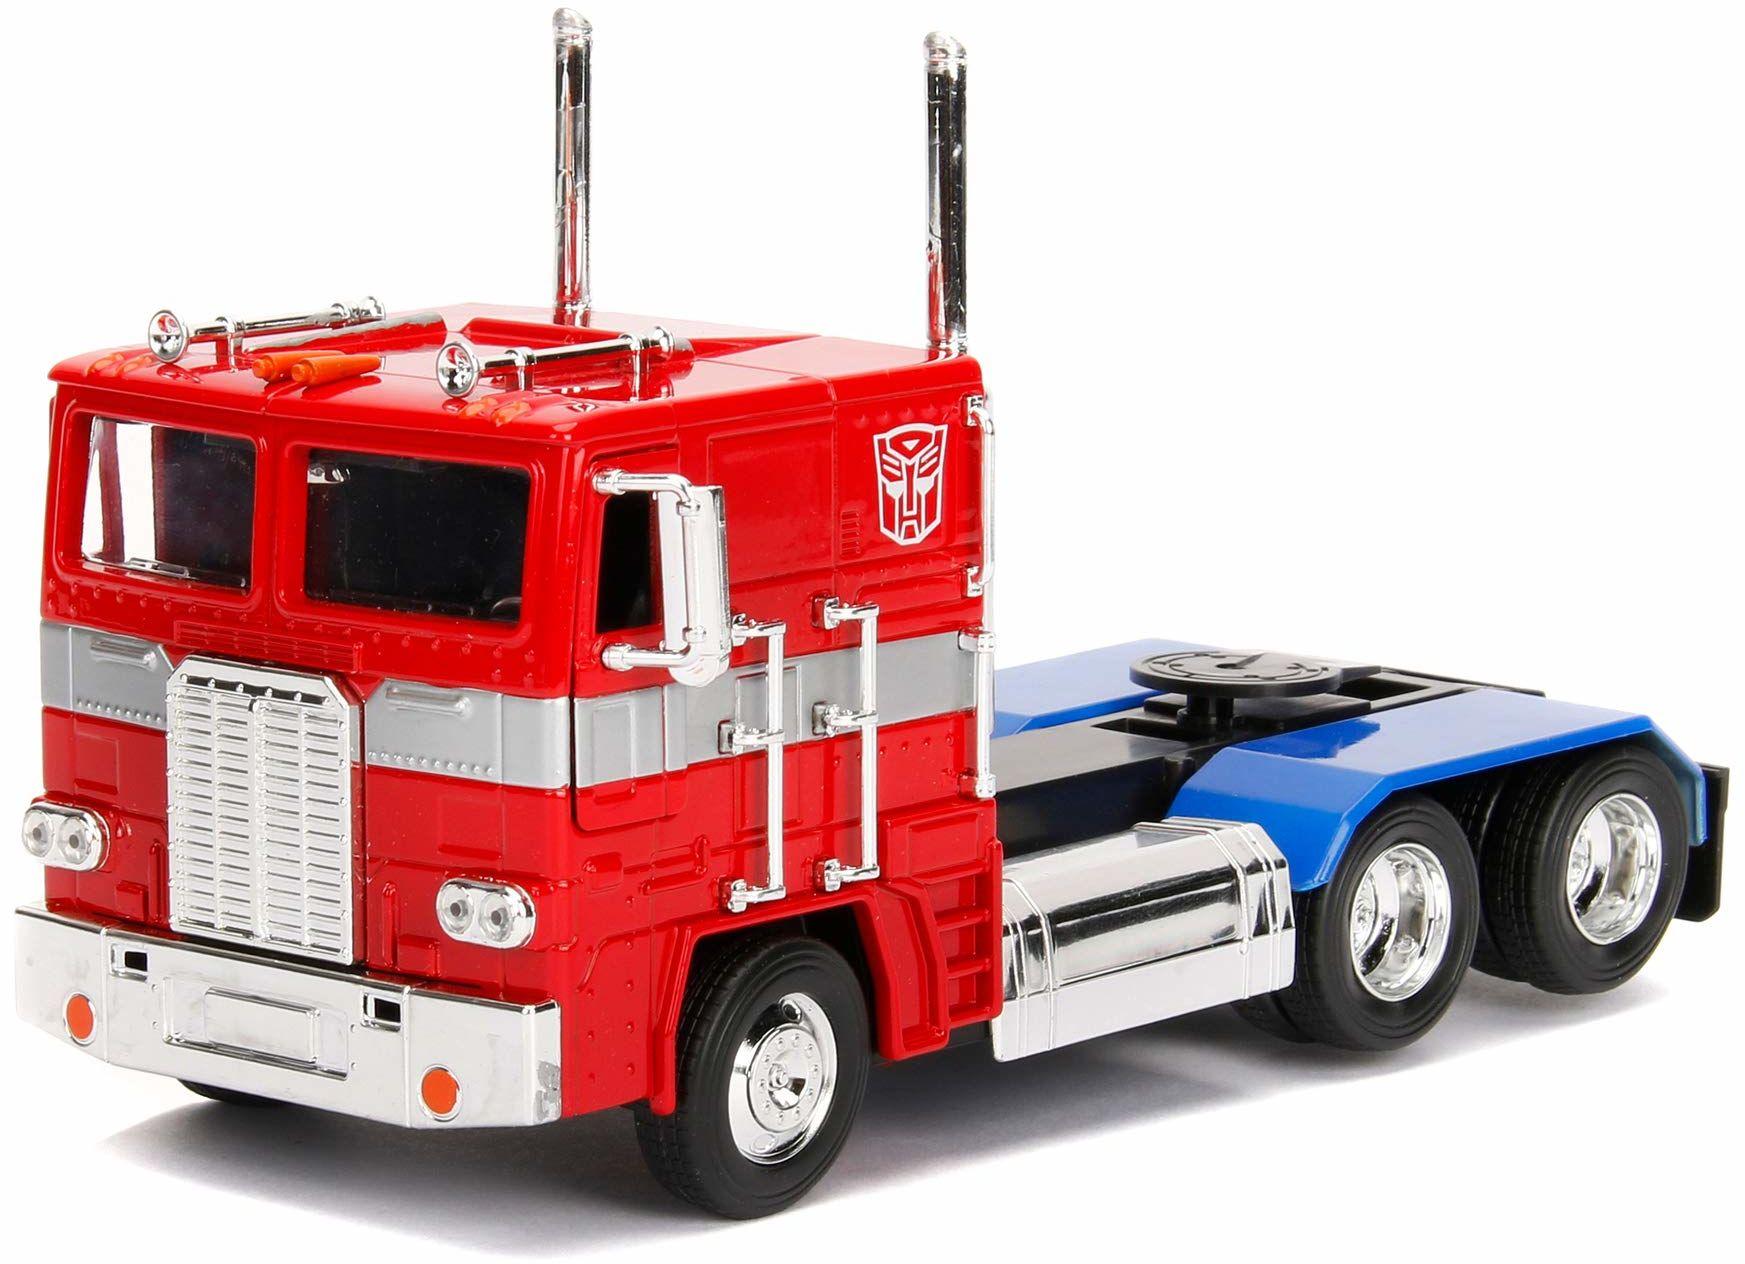 Jada Toys 253115005 Transformers pojazd, czerwony